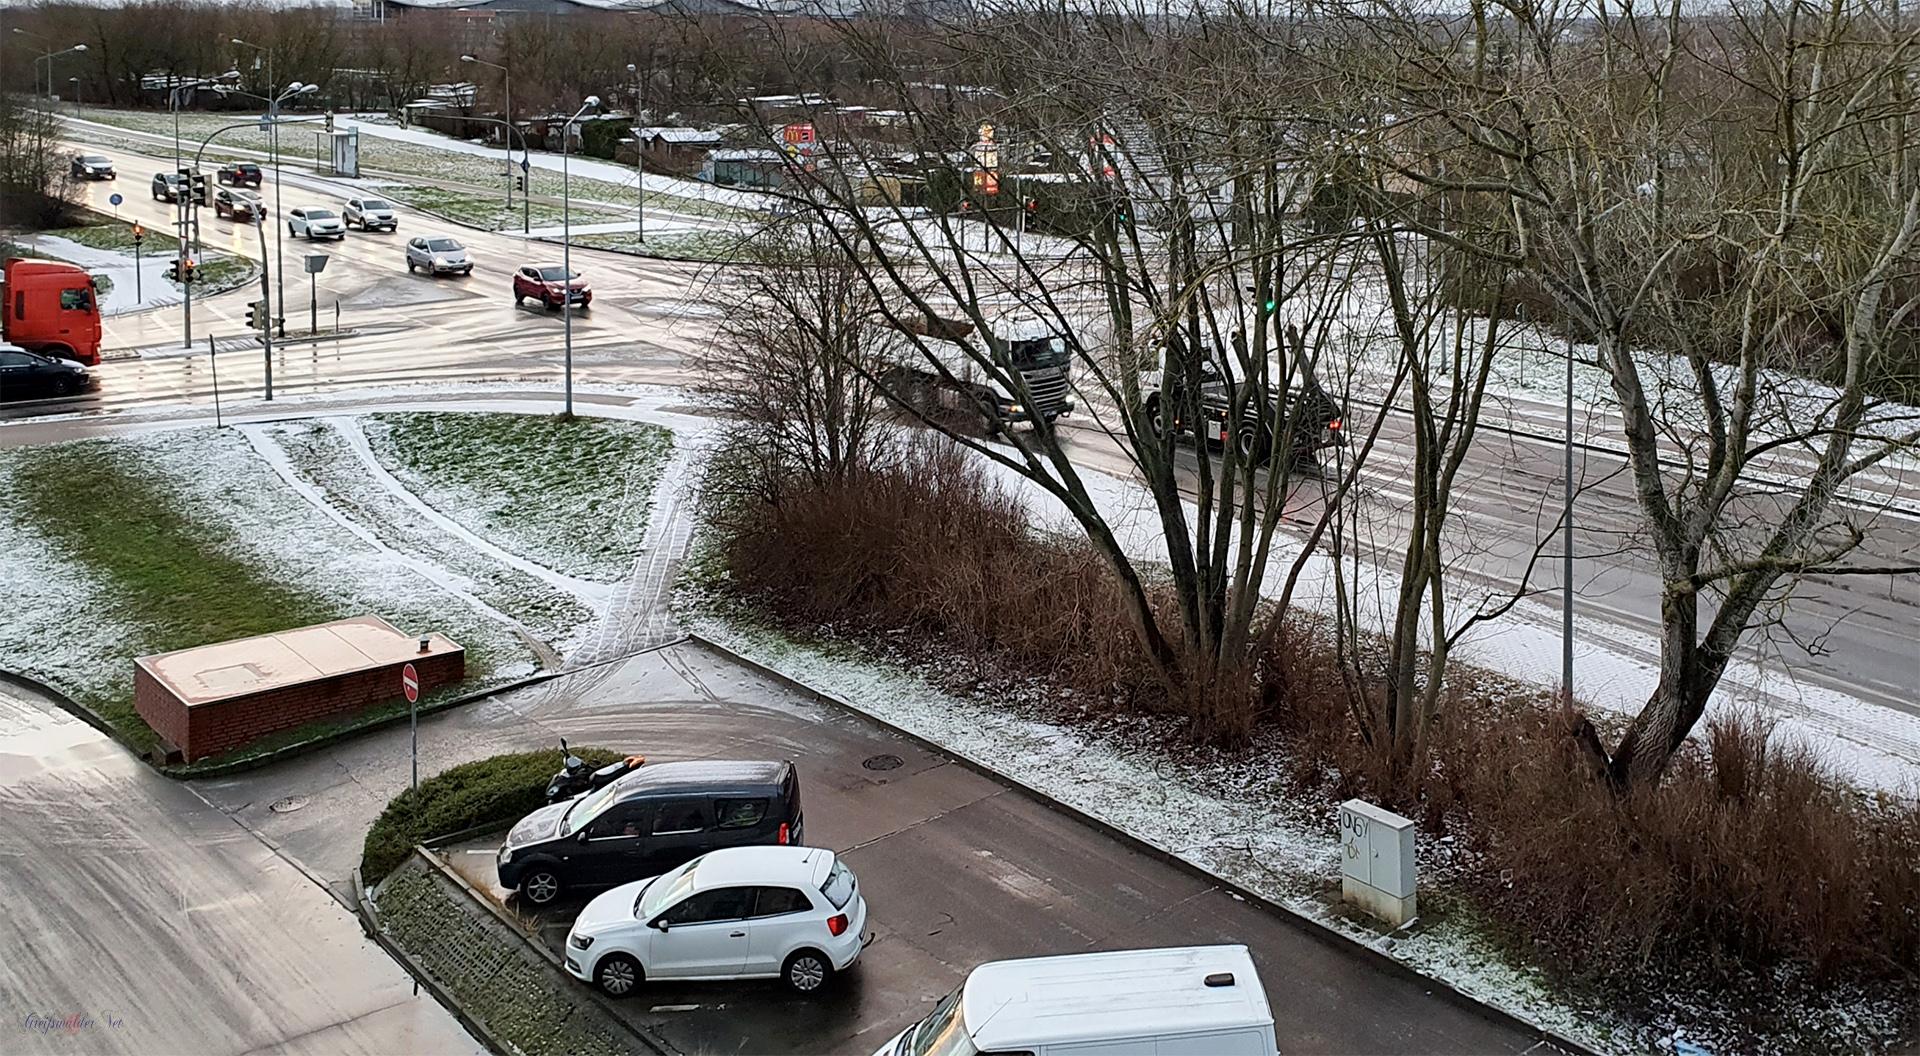 Mittwochmorgen - Leichter Schneefall in der Nacht